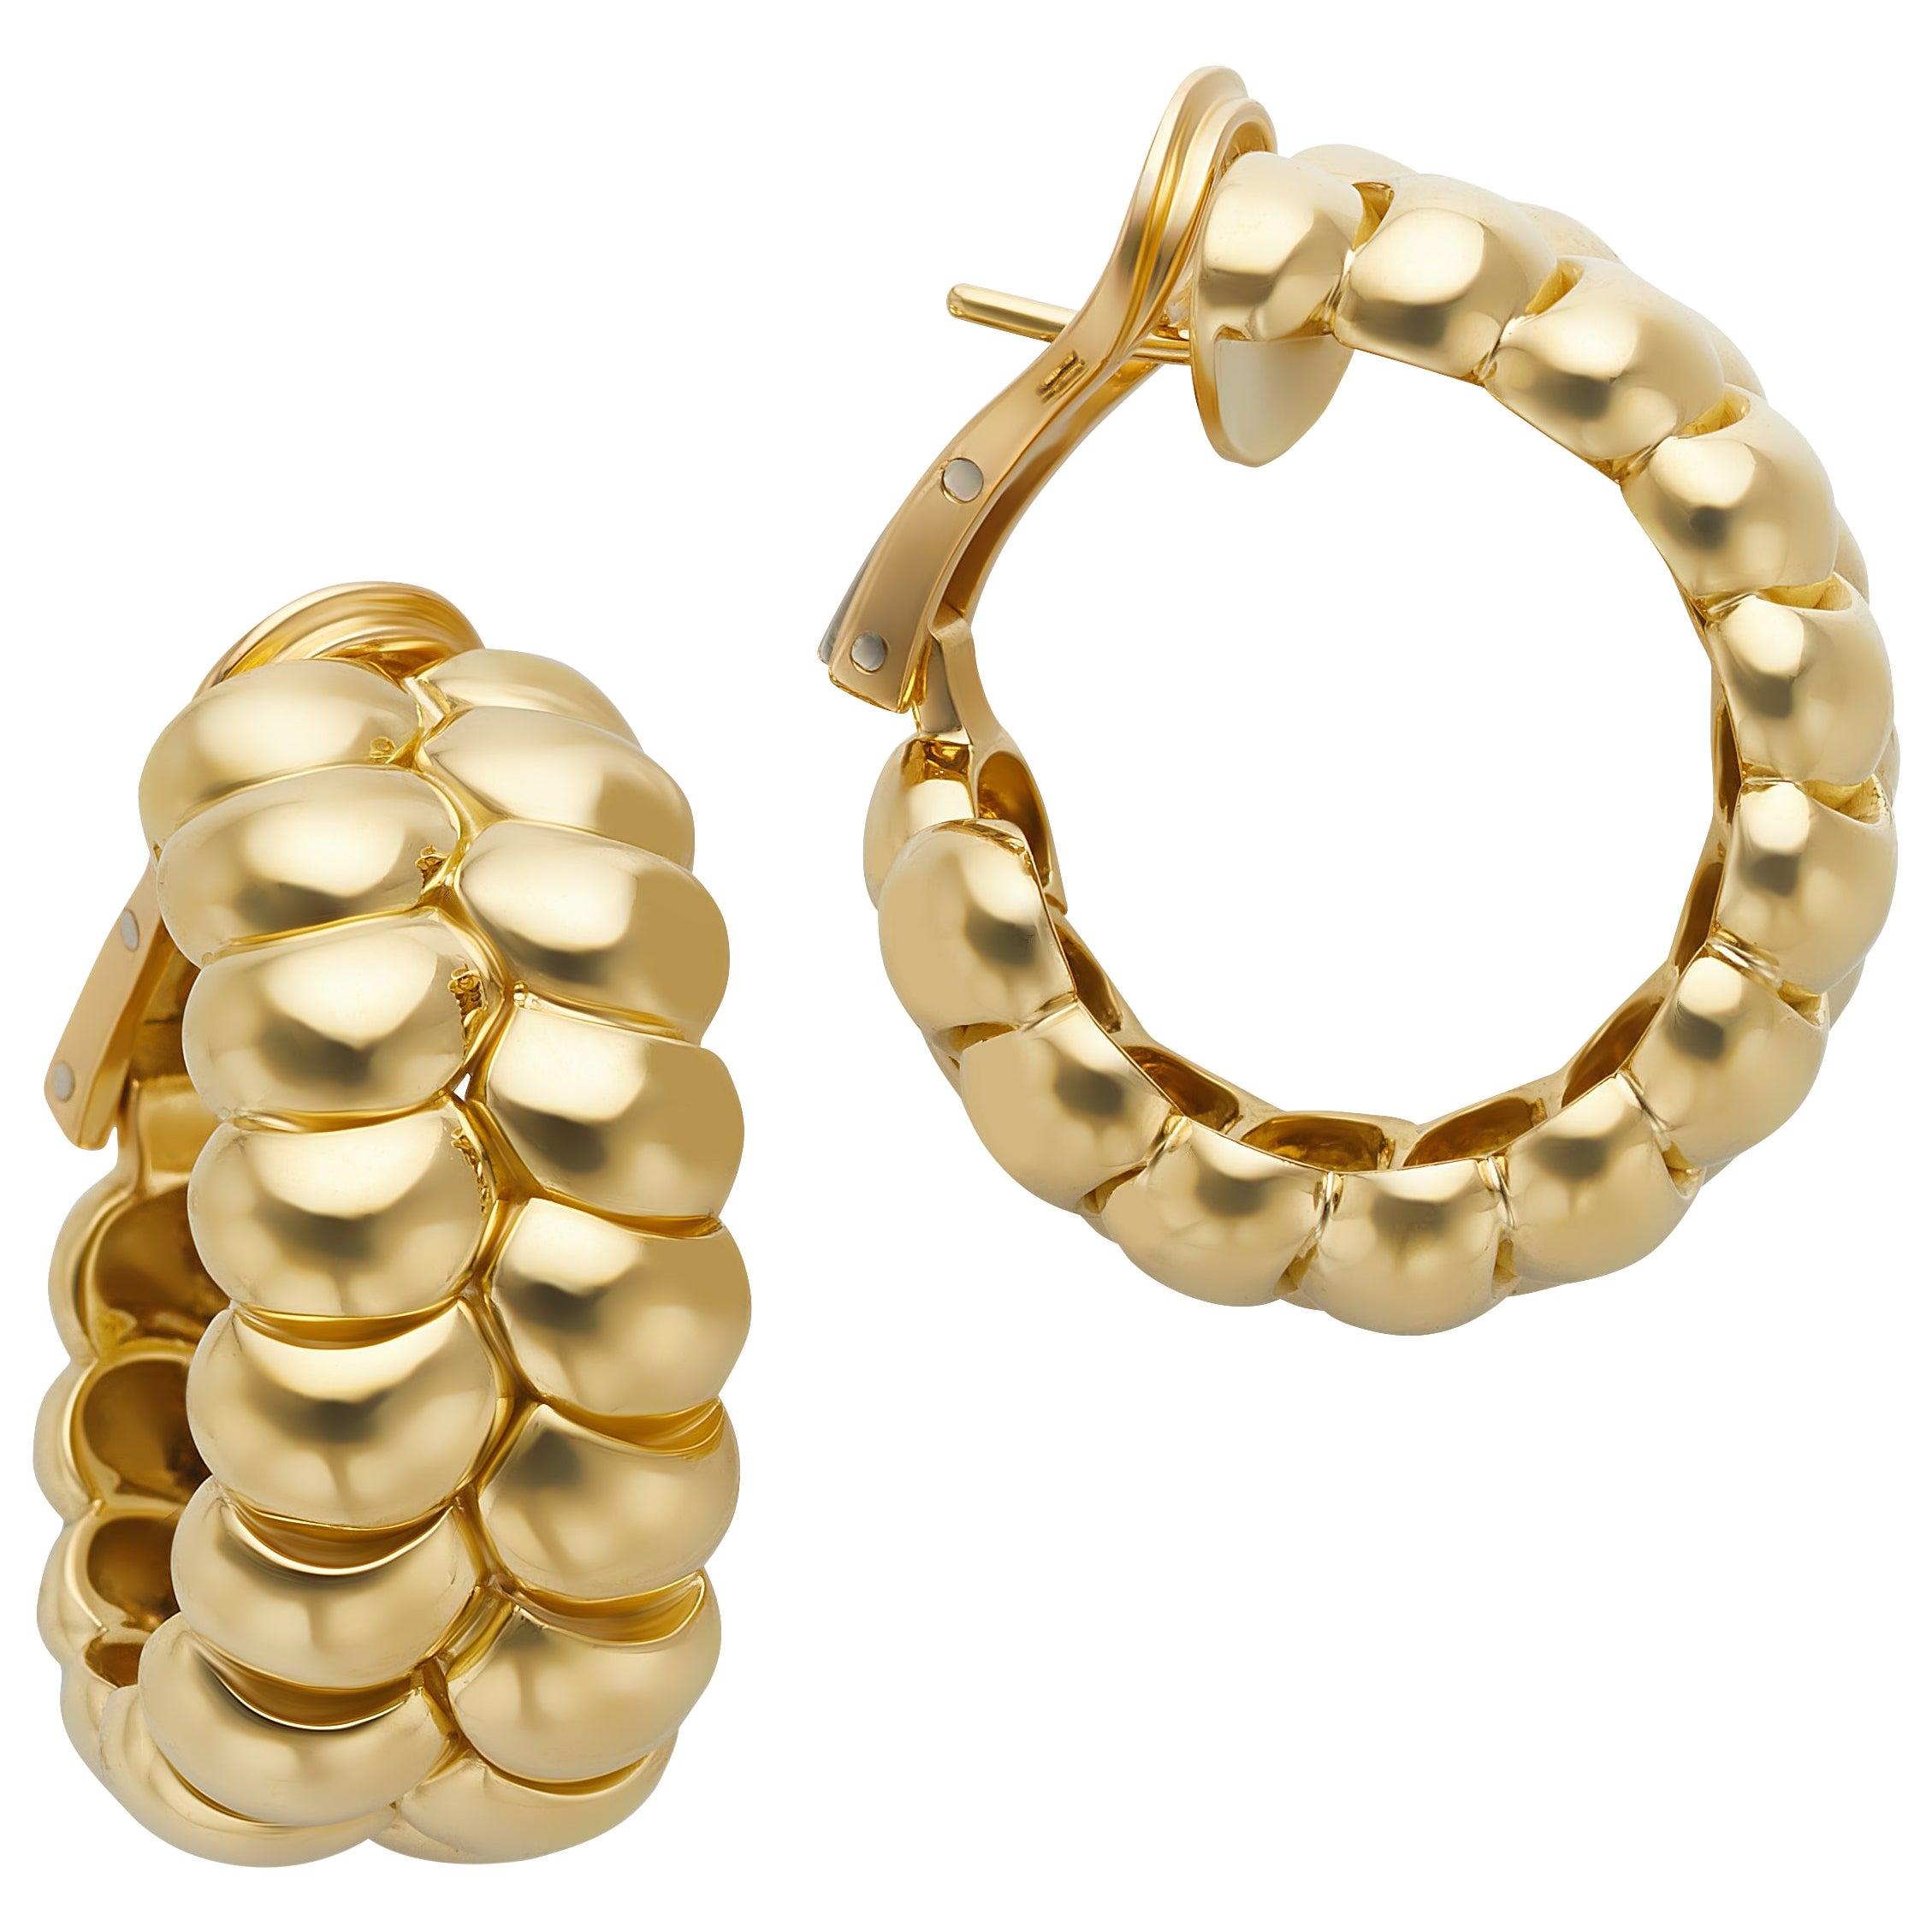 18 Karat Yellow Gold Double Braid Half Hoop Earrings